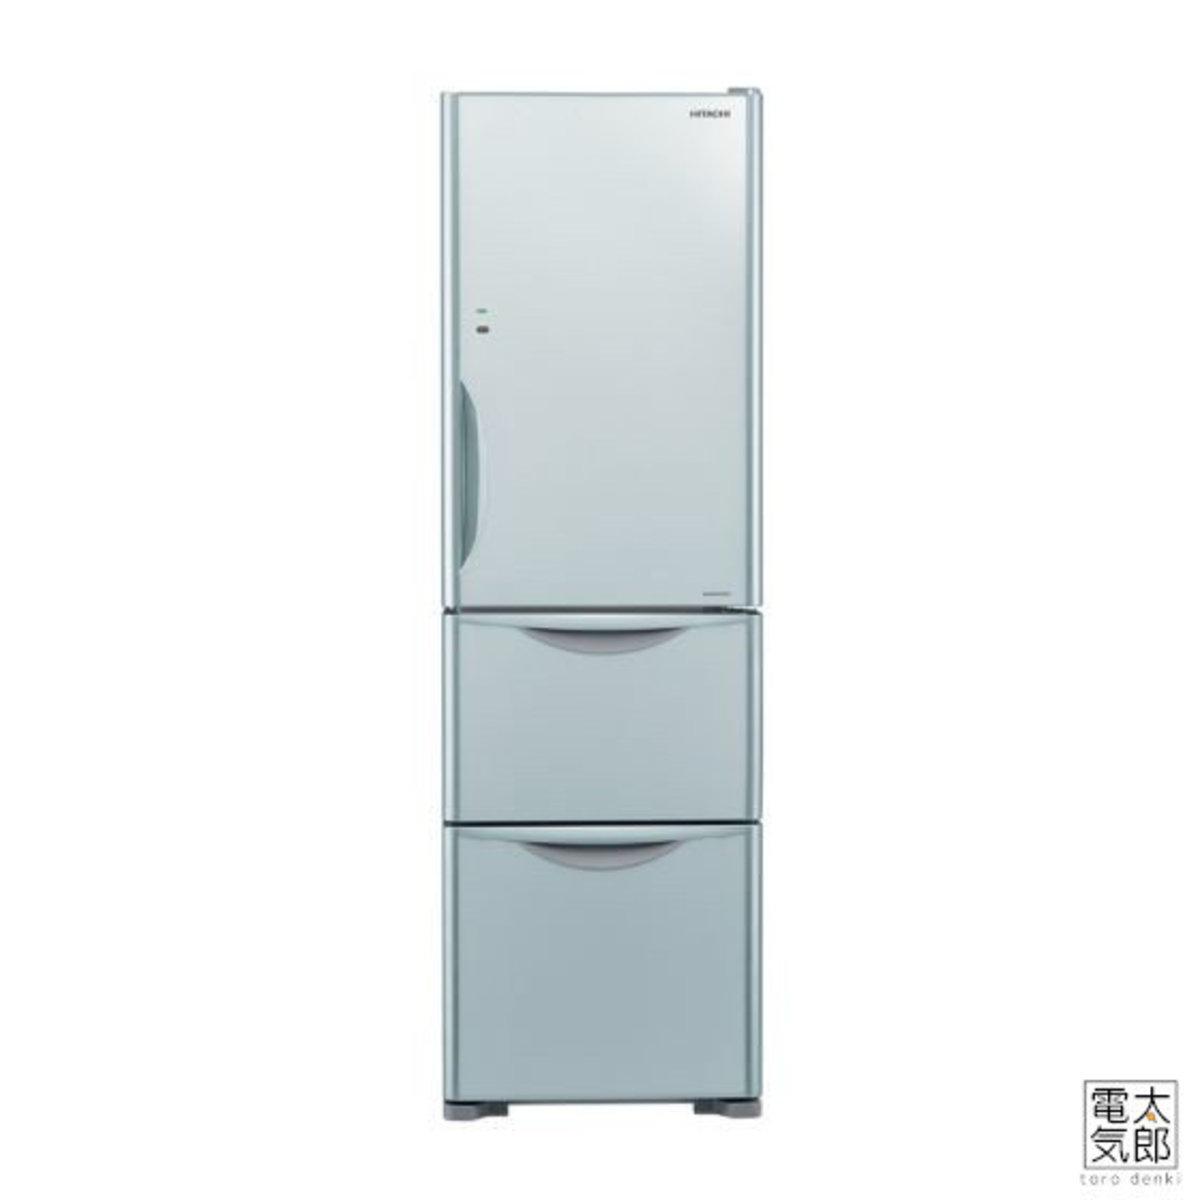 Hitachi - 3門變頻式雪櫃 - 銀色玻璃 RSG32KPH